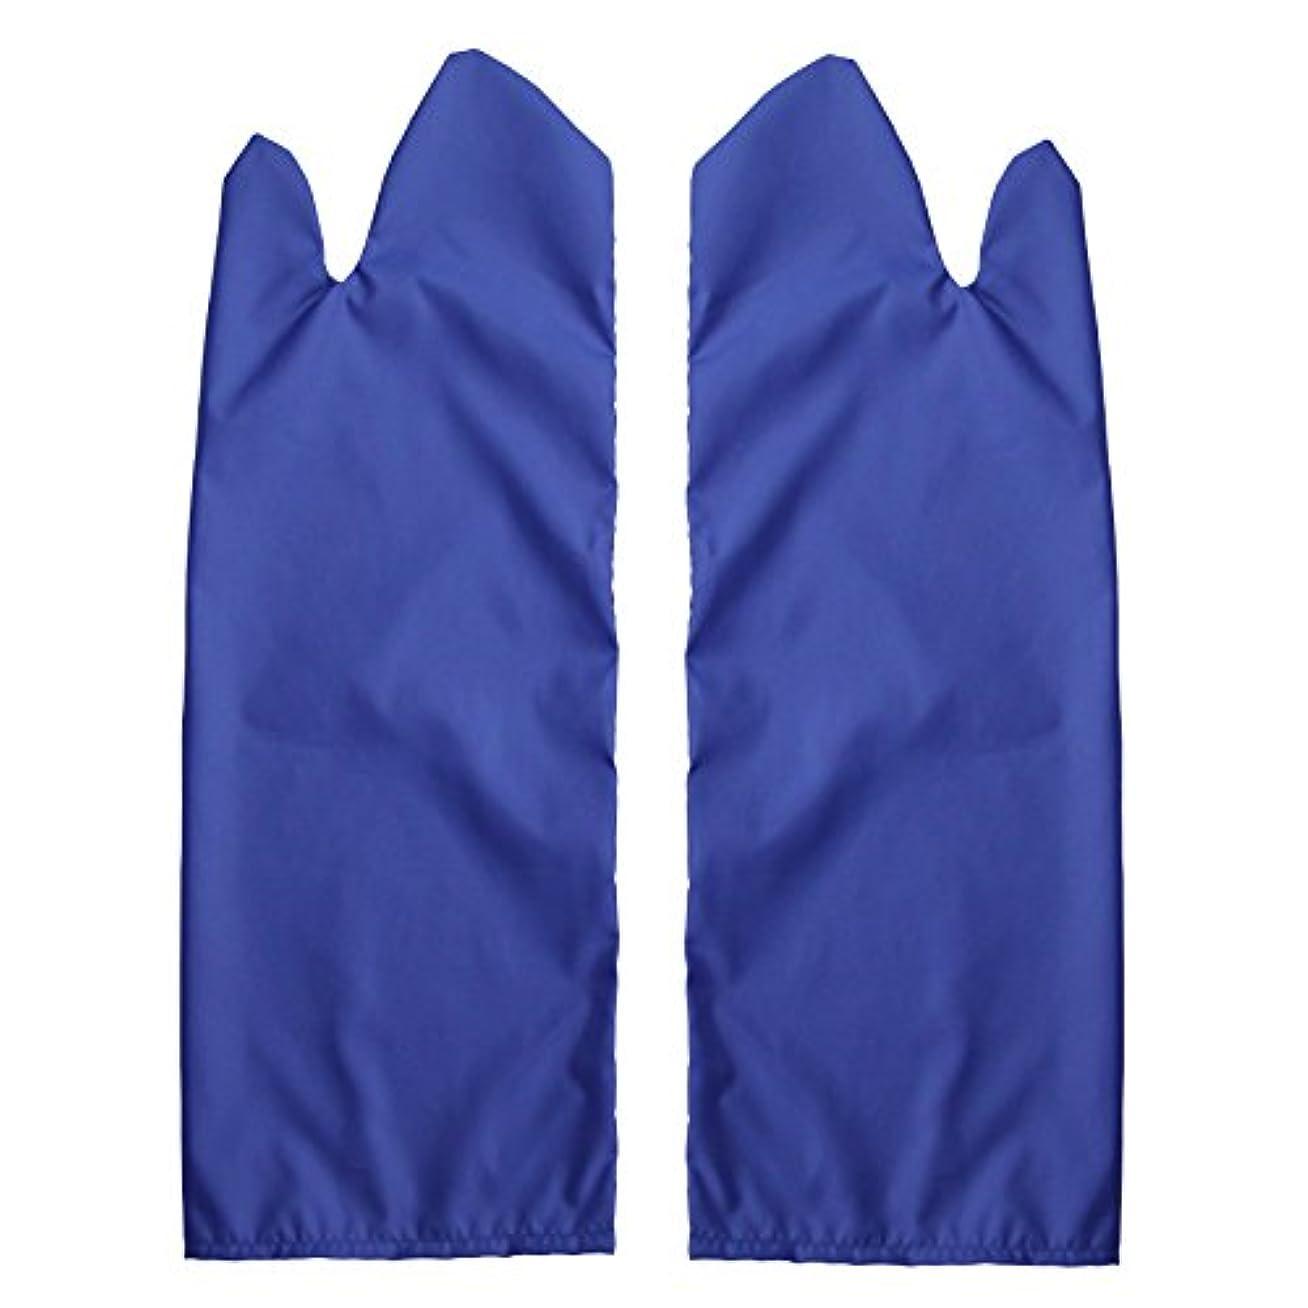 ショット仕出しますガイドライン体位変換用スライディンググローブ 撥水(ブルー) M /7-3681-03